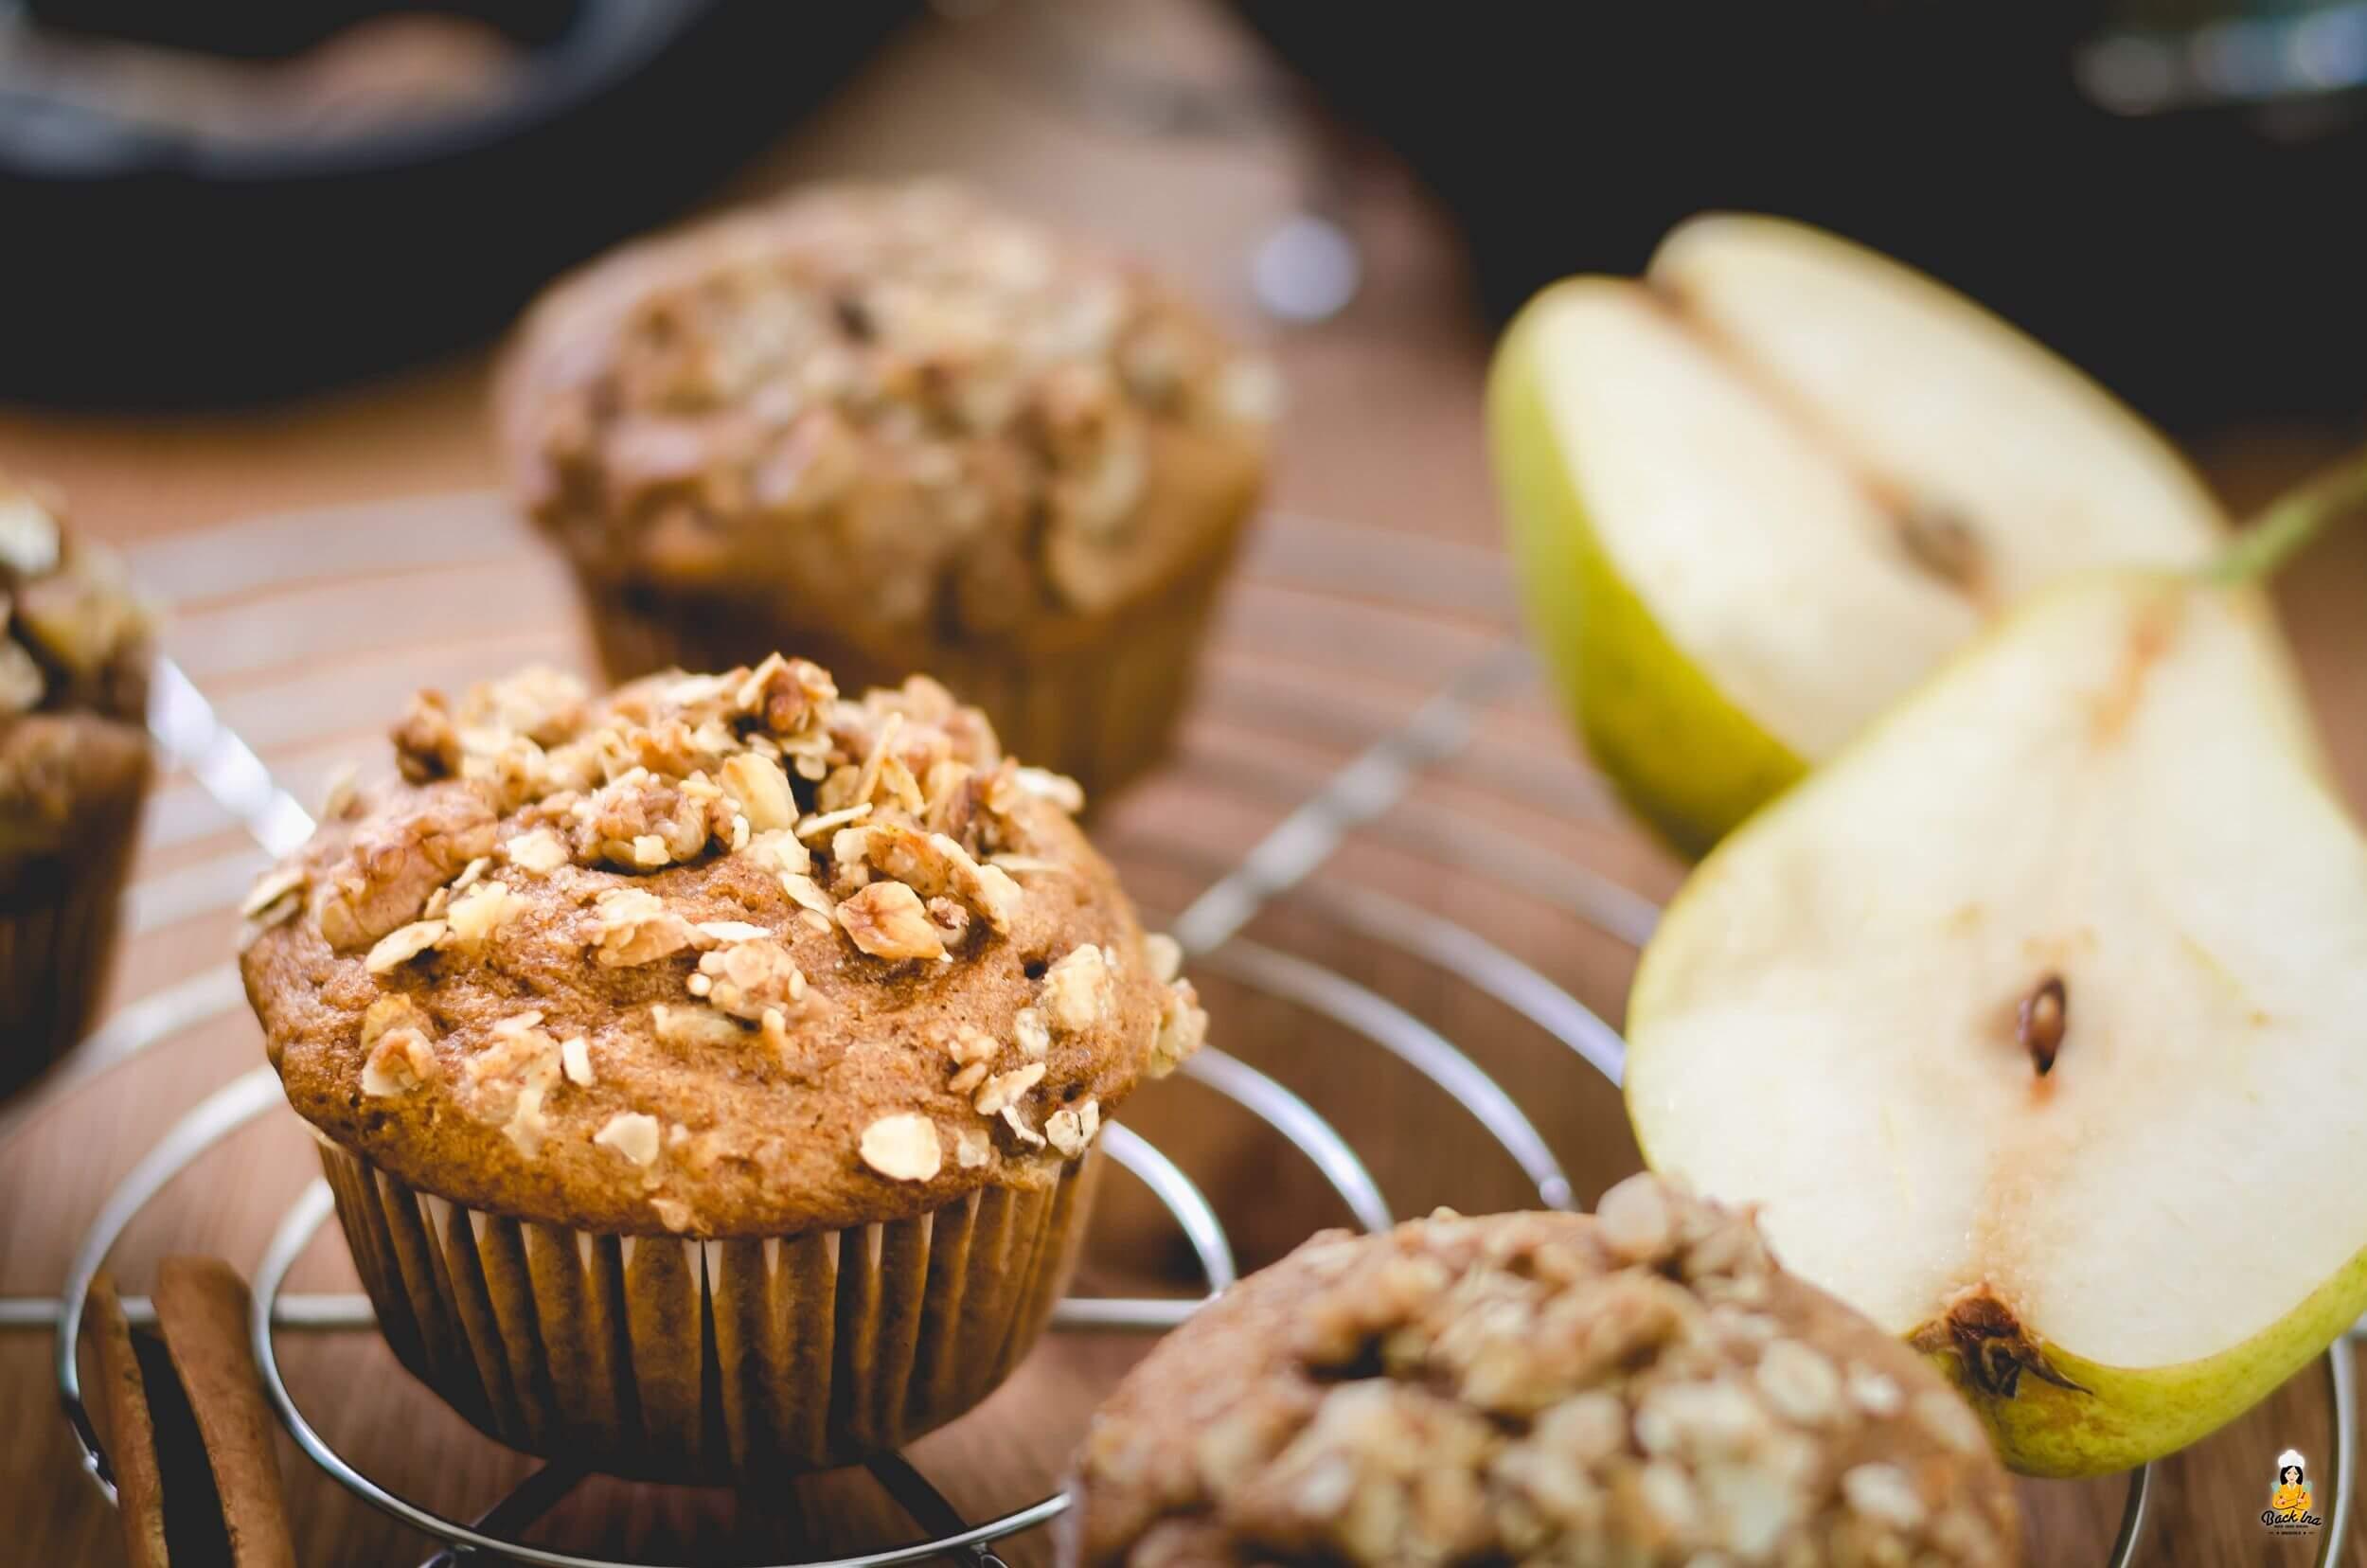 Herbst Muffins: Dinkelmehl, Honig und Birnen